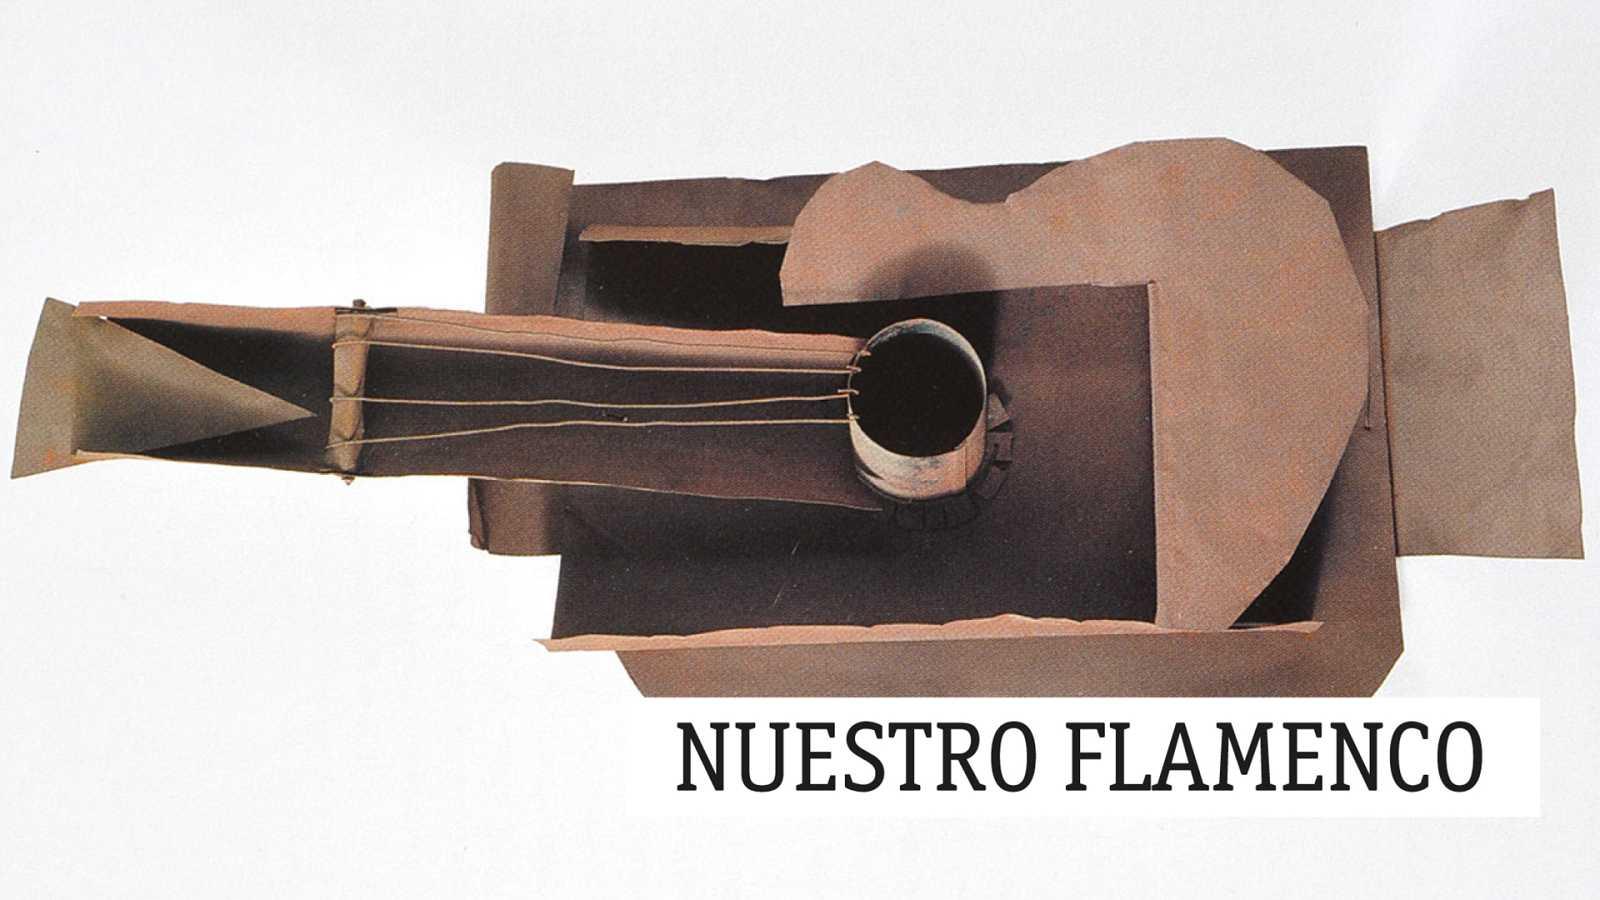 Nuestro flamenco - La canción andaluza y el flamenco - 23/02/21 - escuchar ahora